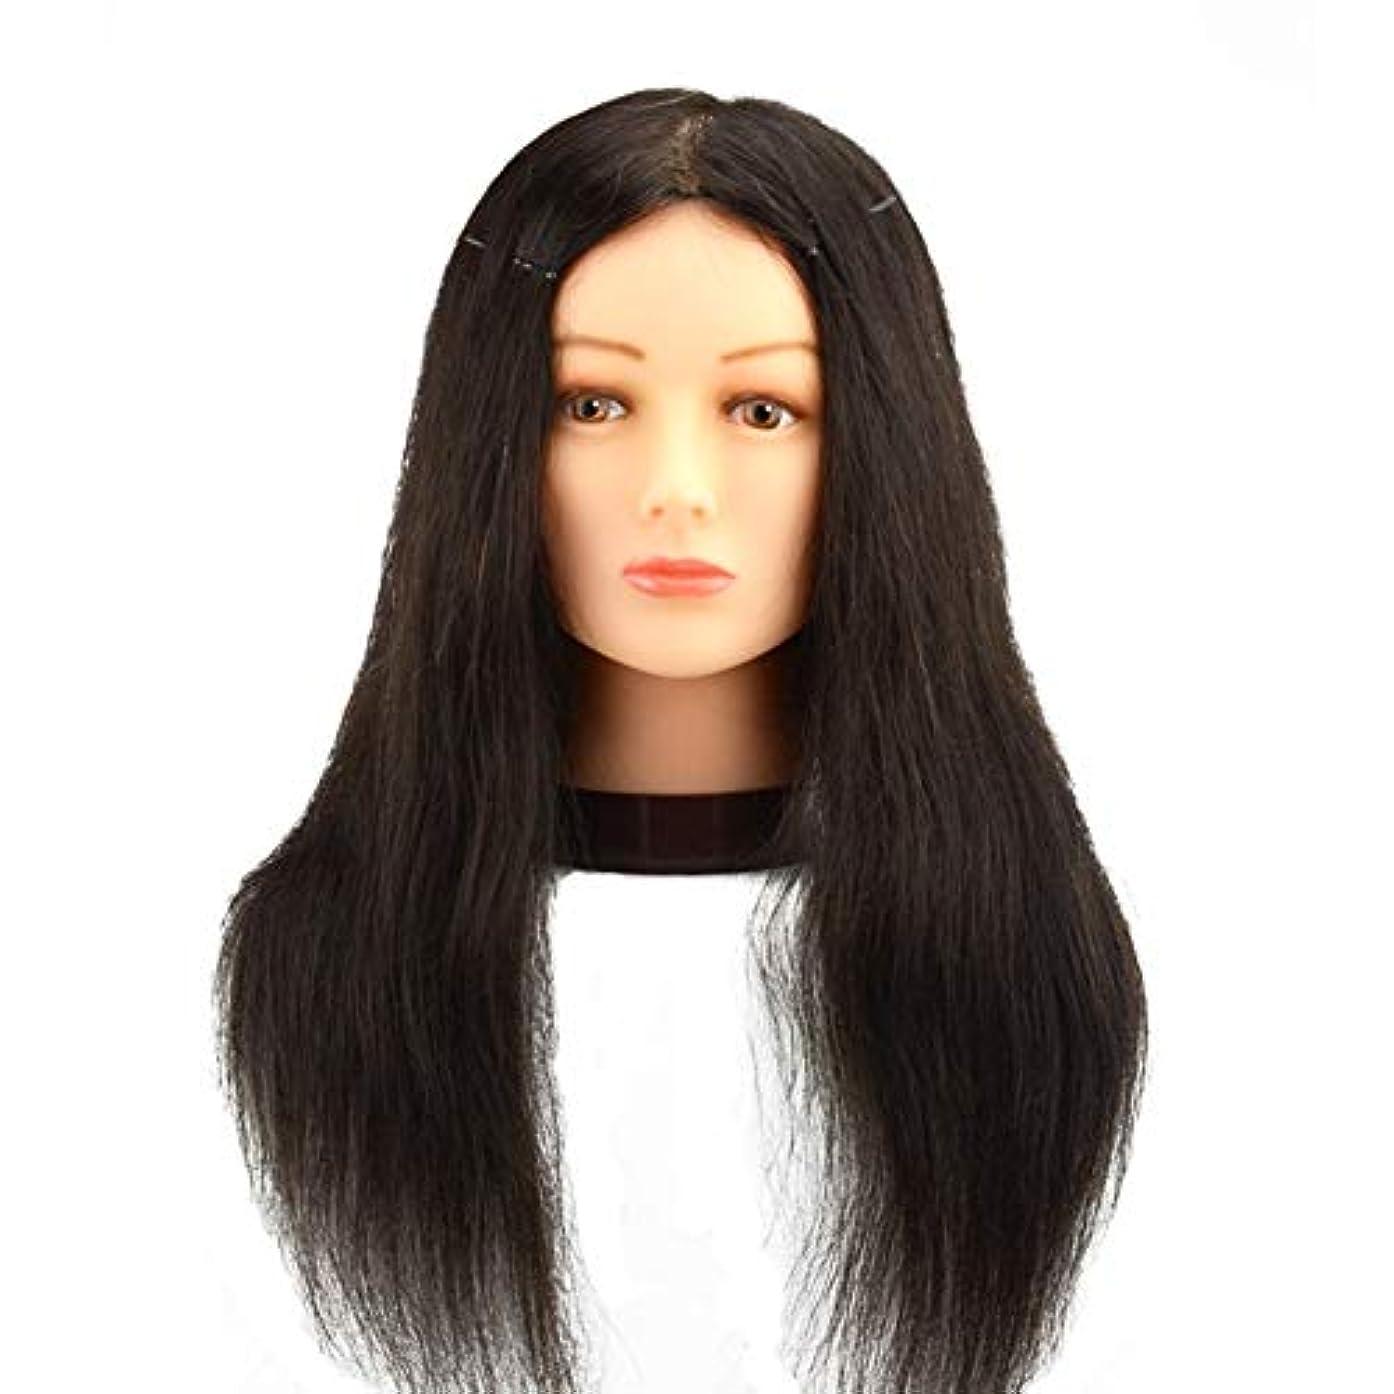 結び目透けて見える現実には理髪店パーマ髪染め練習かつらヘッドモデルリアルヘアマネキンヘッド化粧散髪練習ダミーヘッド,20inches